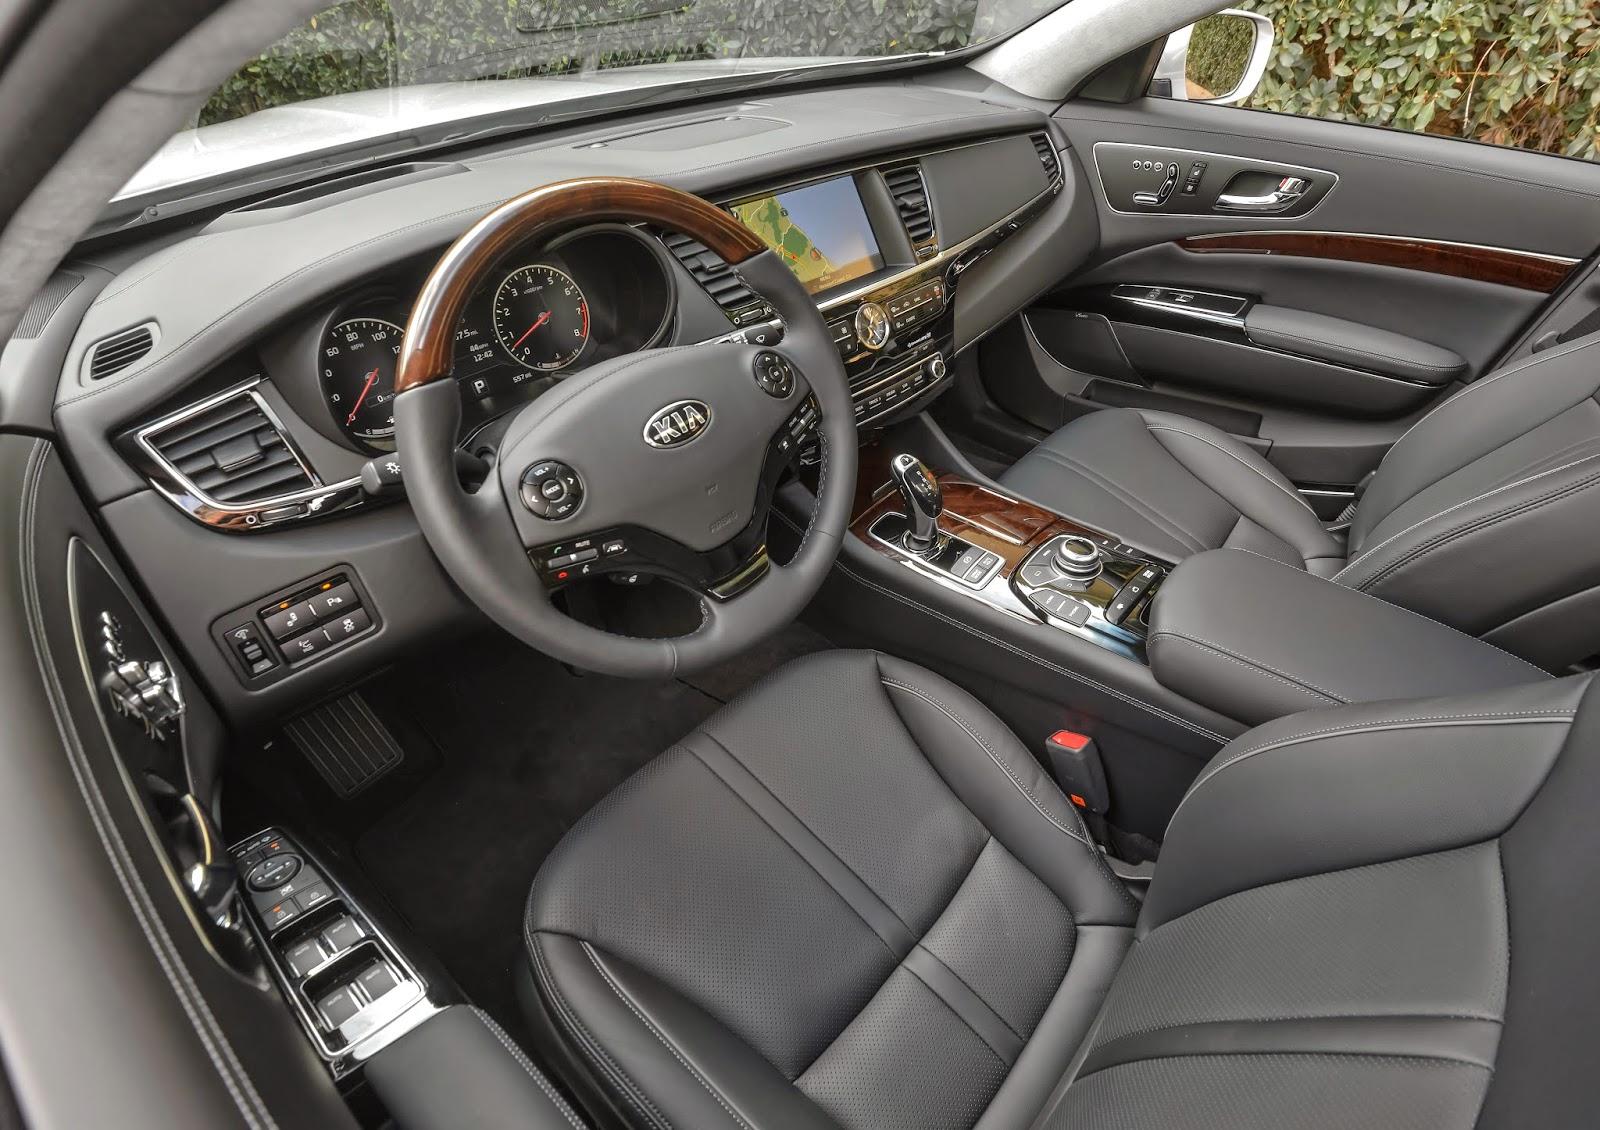 Interior view of 2015 Kia K900